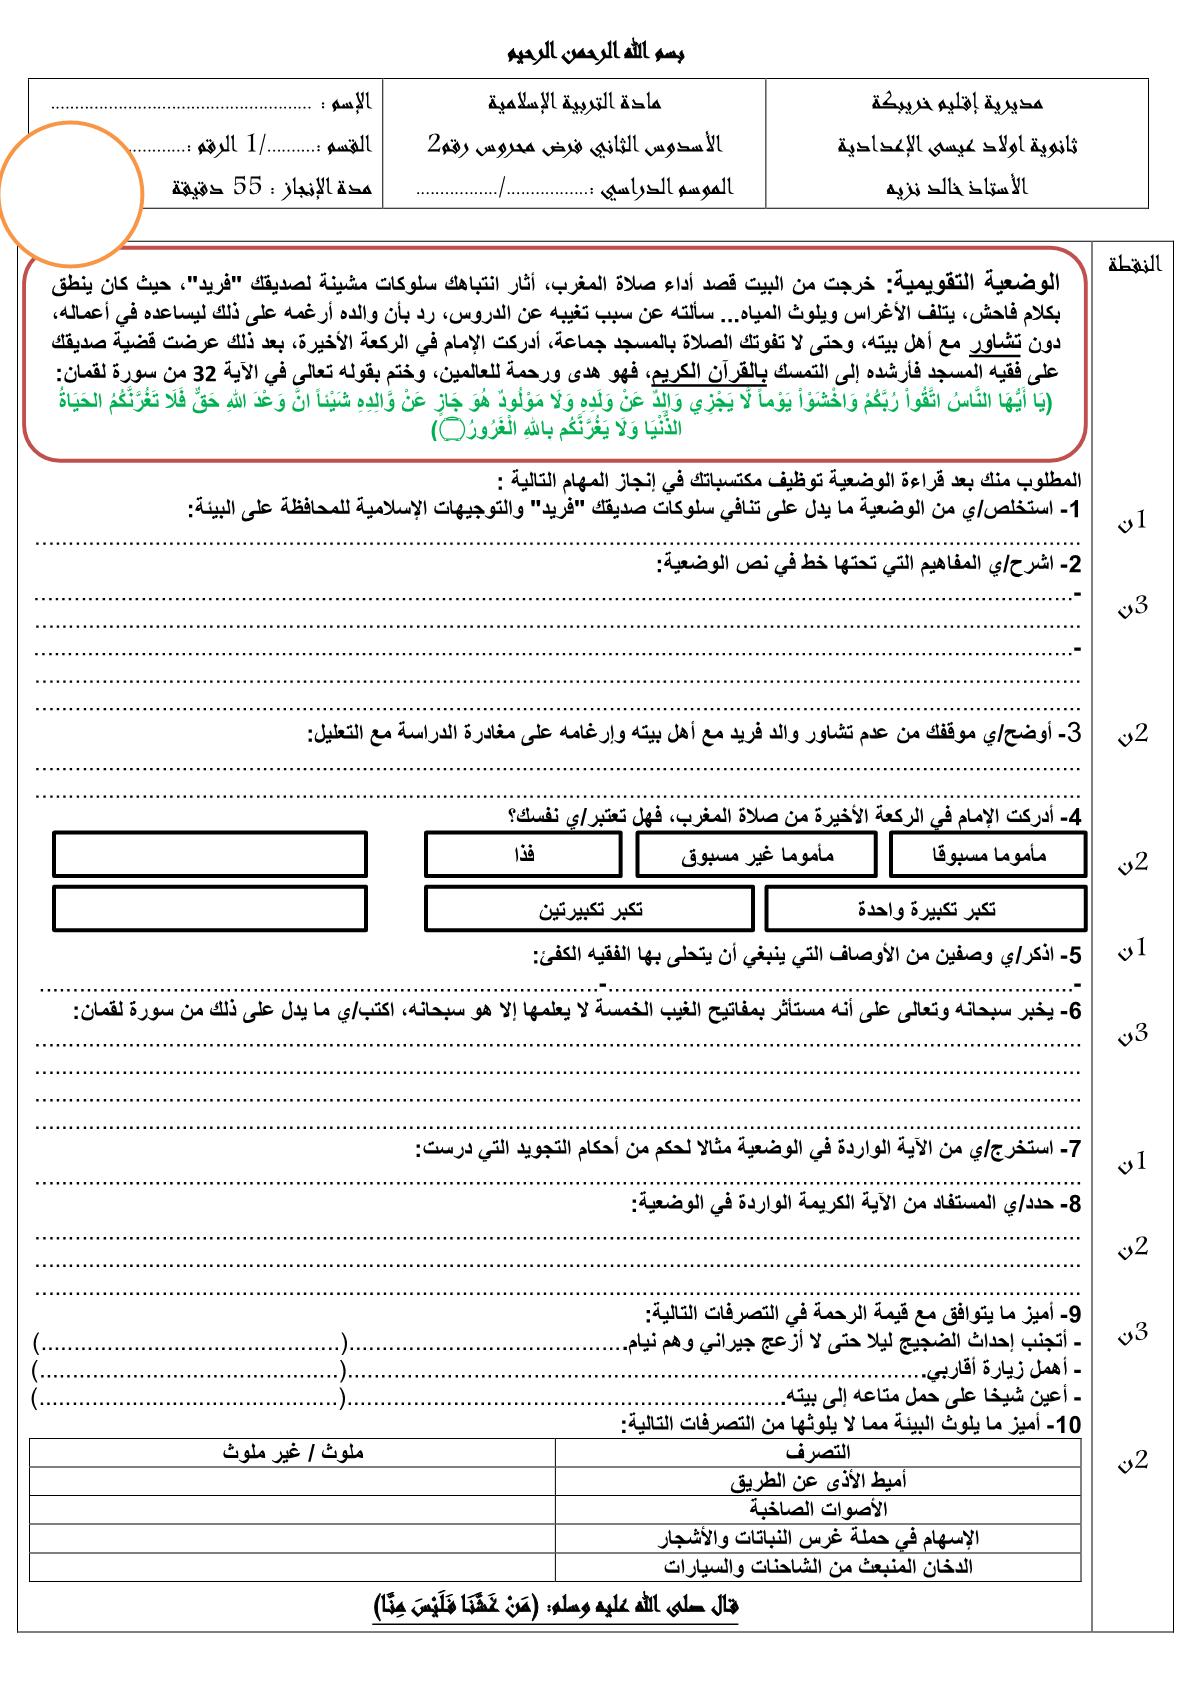 الفرض السابع في مادة التربية الإسلامية الدورة الثانية للسنة الأولى إعدادي مع التصحيح